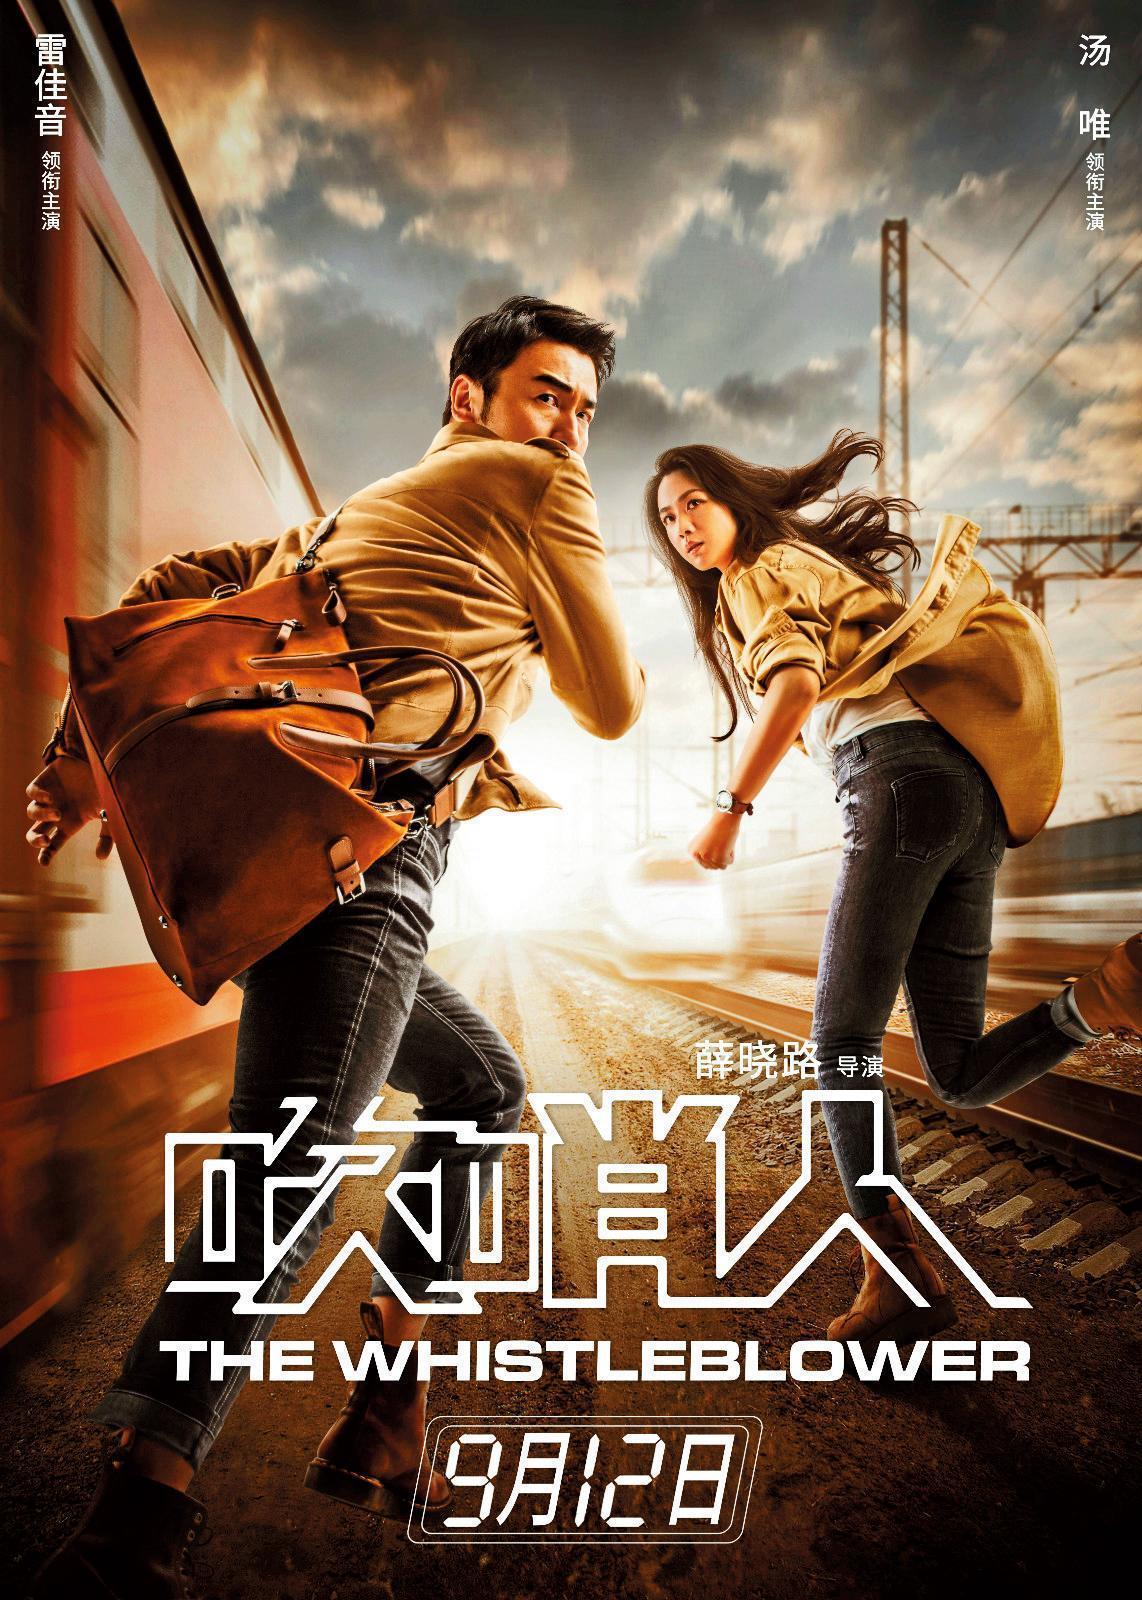 雷佳音和湯唯主演的《吹哨人》,在台灣已抽到配額,暫定9月20日上映,中國大陸則定檔9月12日。